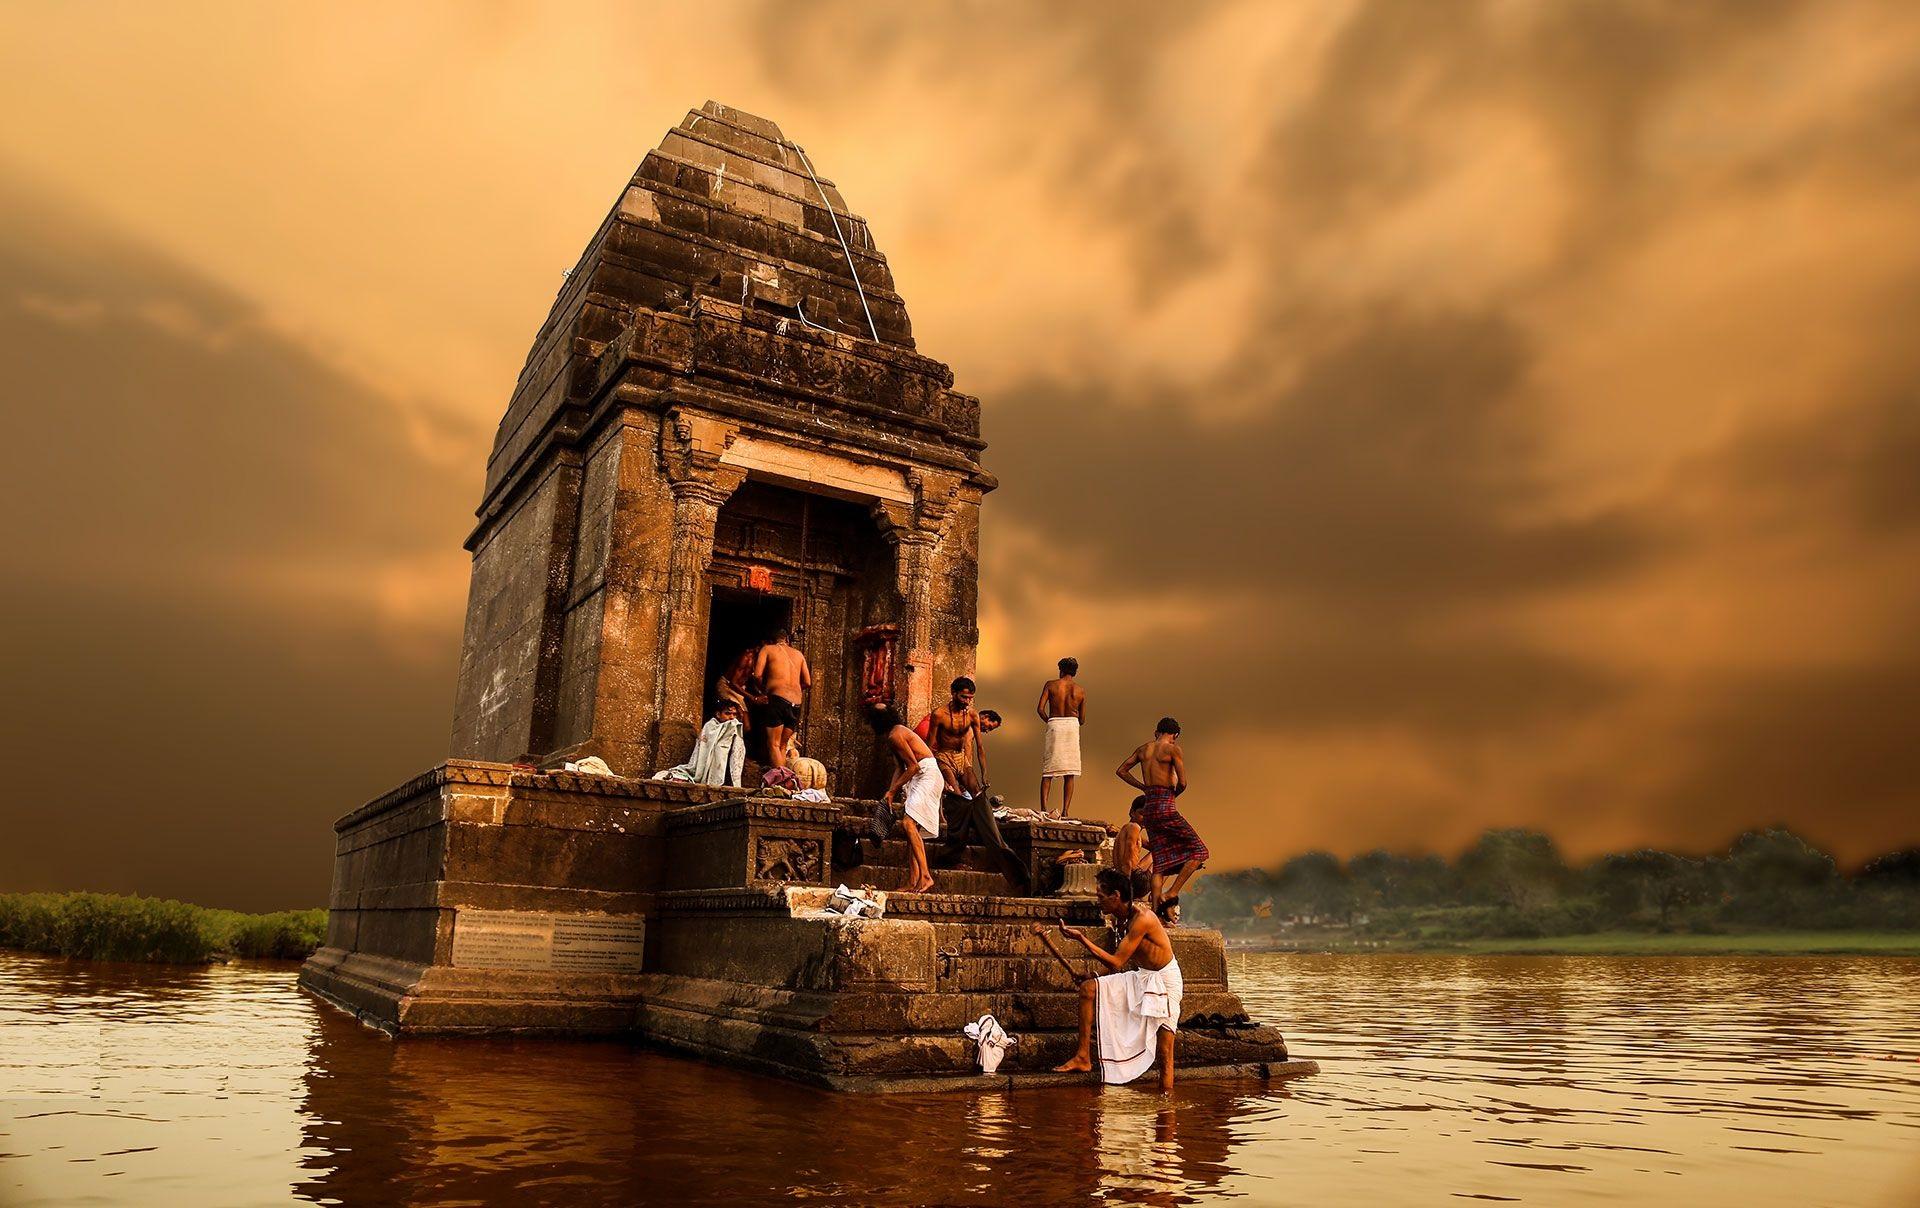 Jours 6 : Mandu – Maheshwar (80 km - 2h de route)